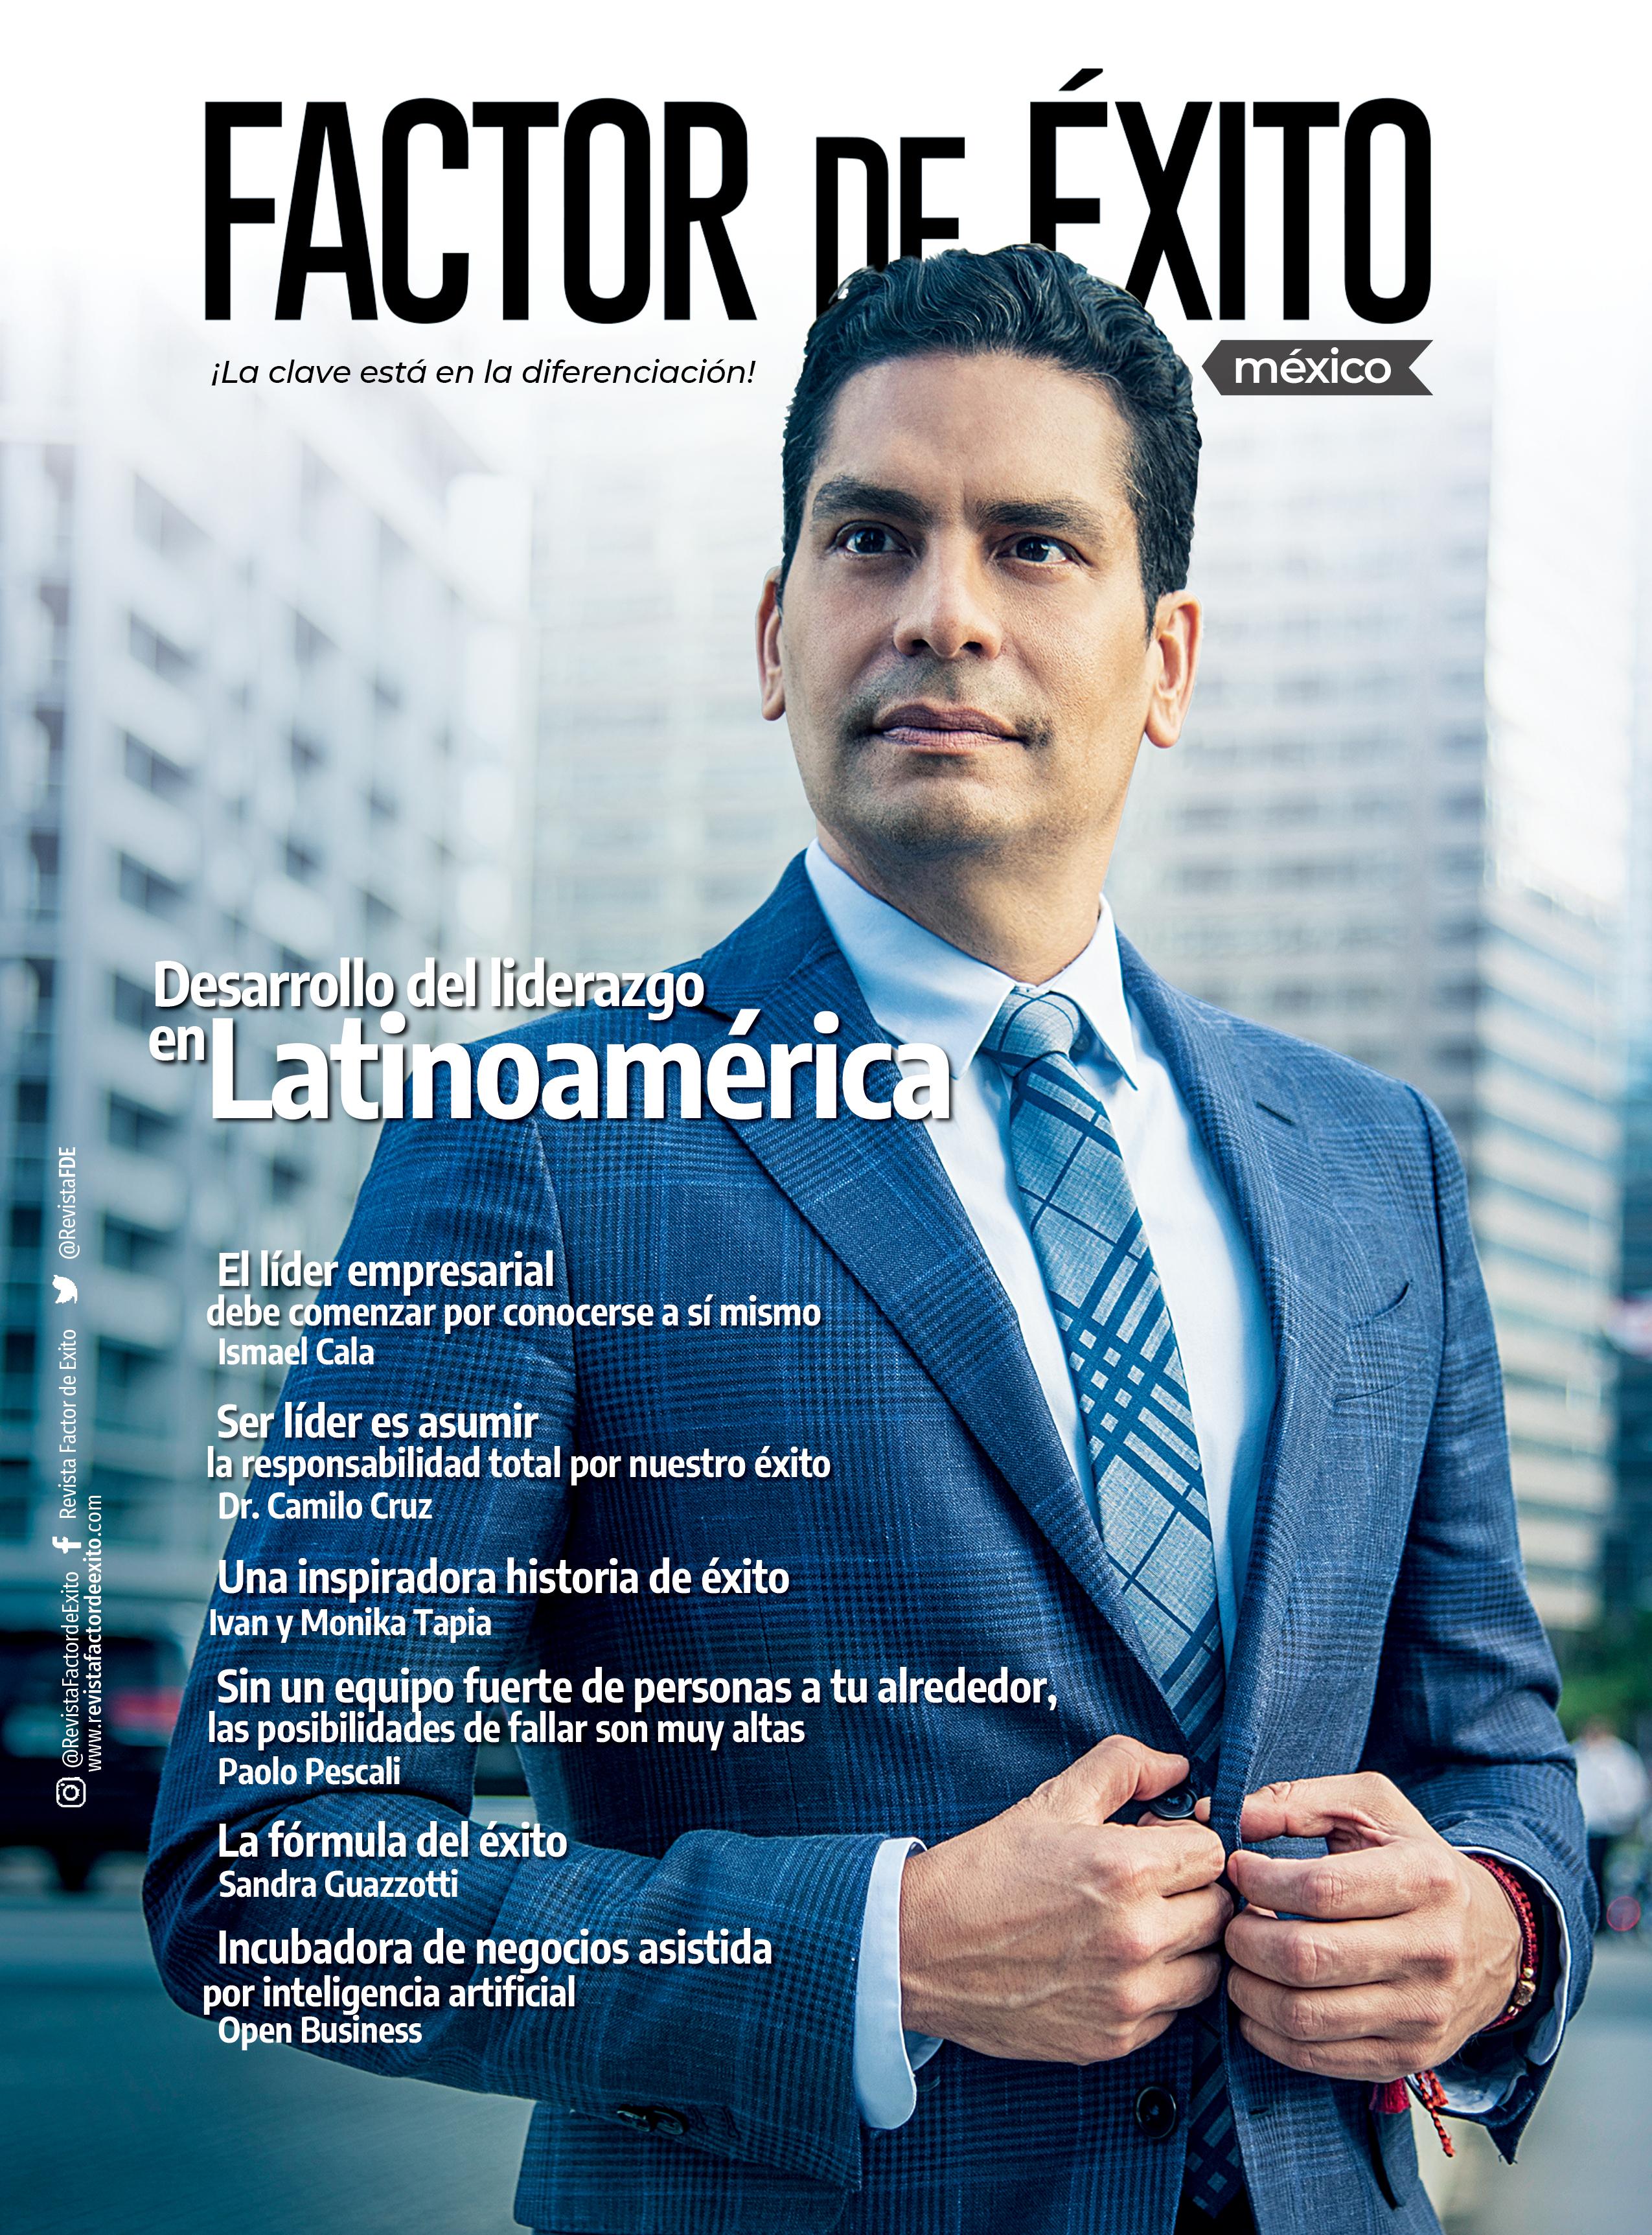 MÉXICO edición#1 Revista Factor de Éxito